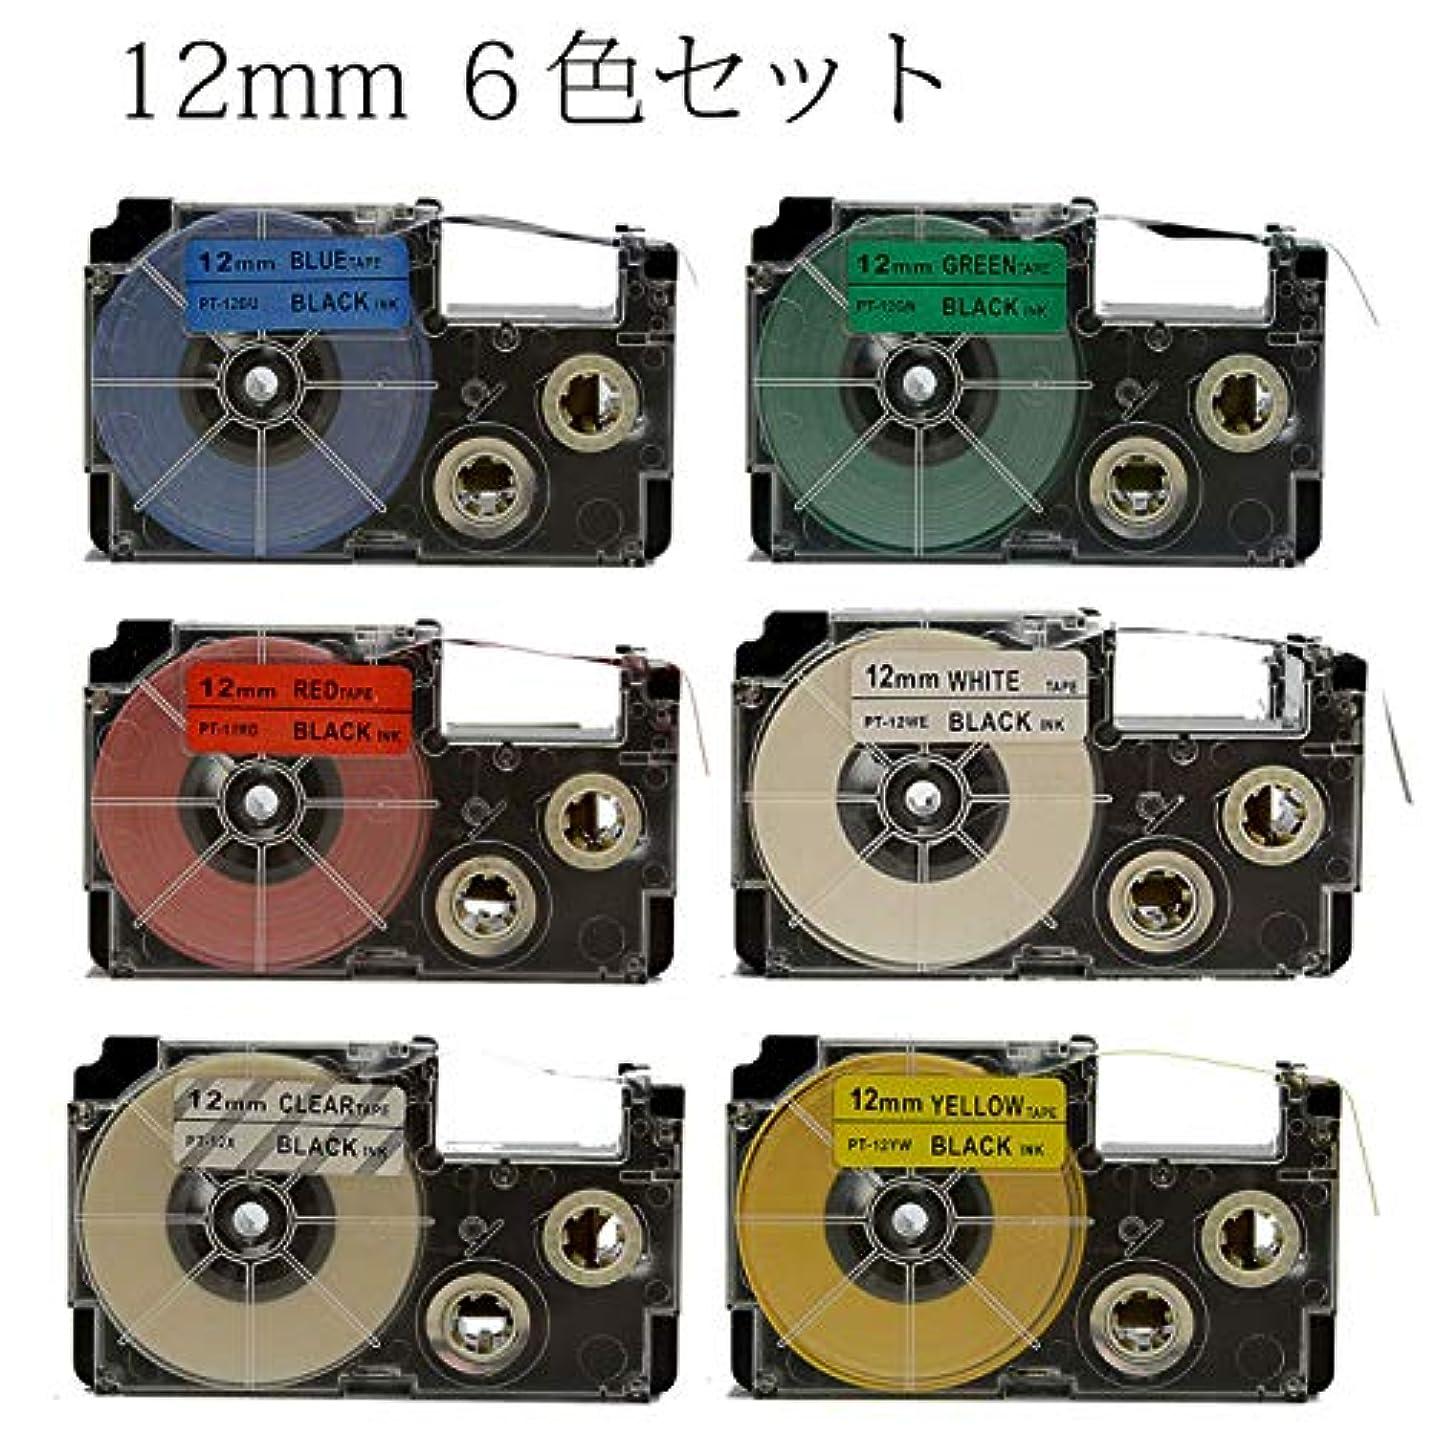 奪う準備サルベージカシオ用 互換テープカートリッジ ラベル シール 強粘着 テプラ Casio 黑文字 長さ8M 12mm XR-12WE XR-12RD XR-12BU1 XR-21YW1 XR-12GN1 XR-12X 6色セット maifengle (12mm)